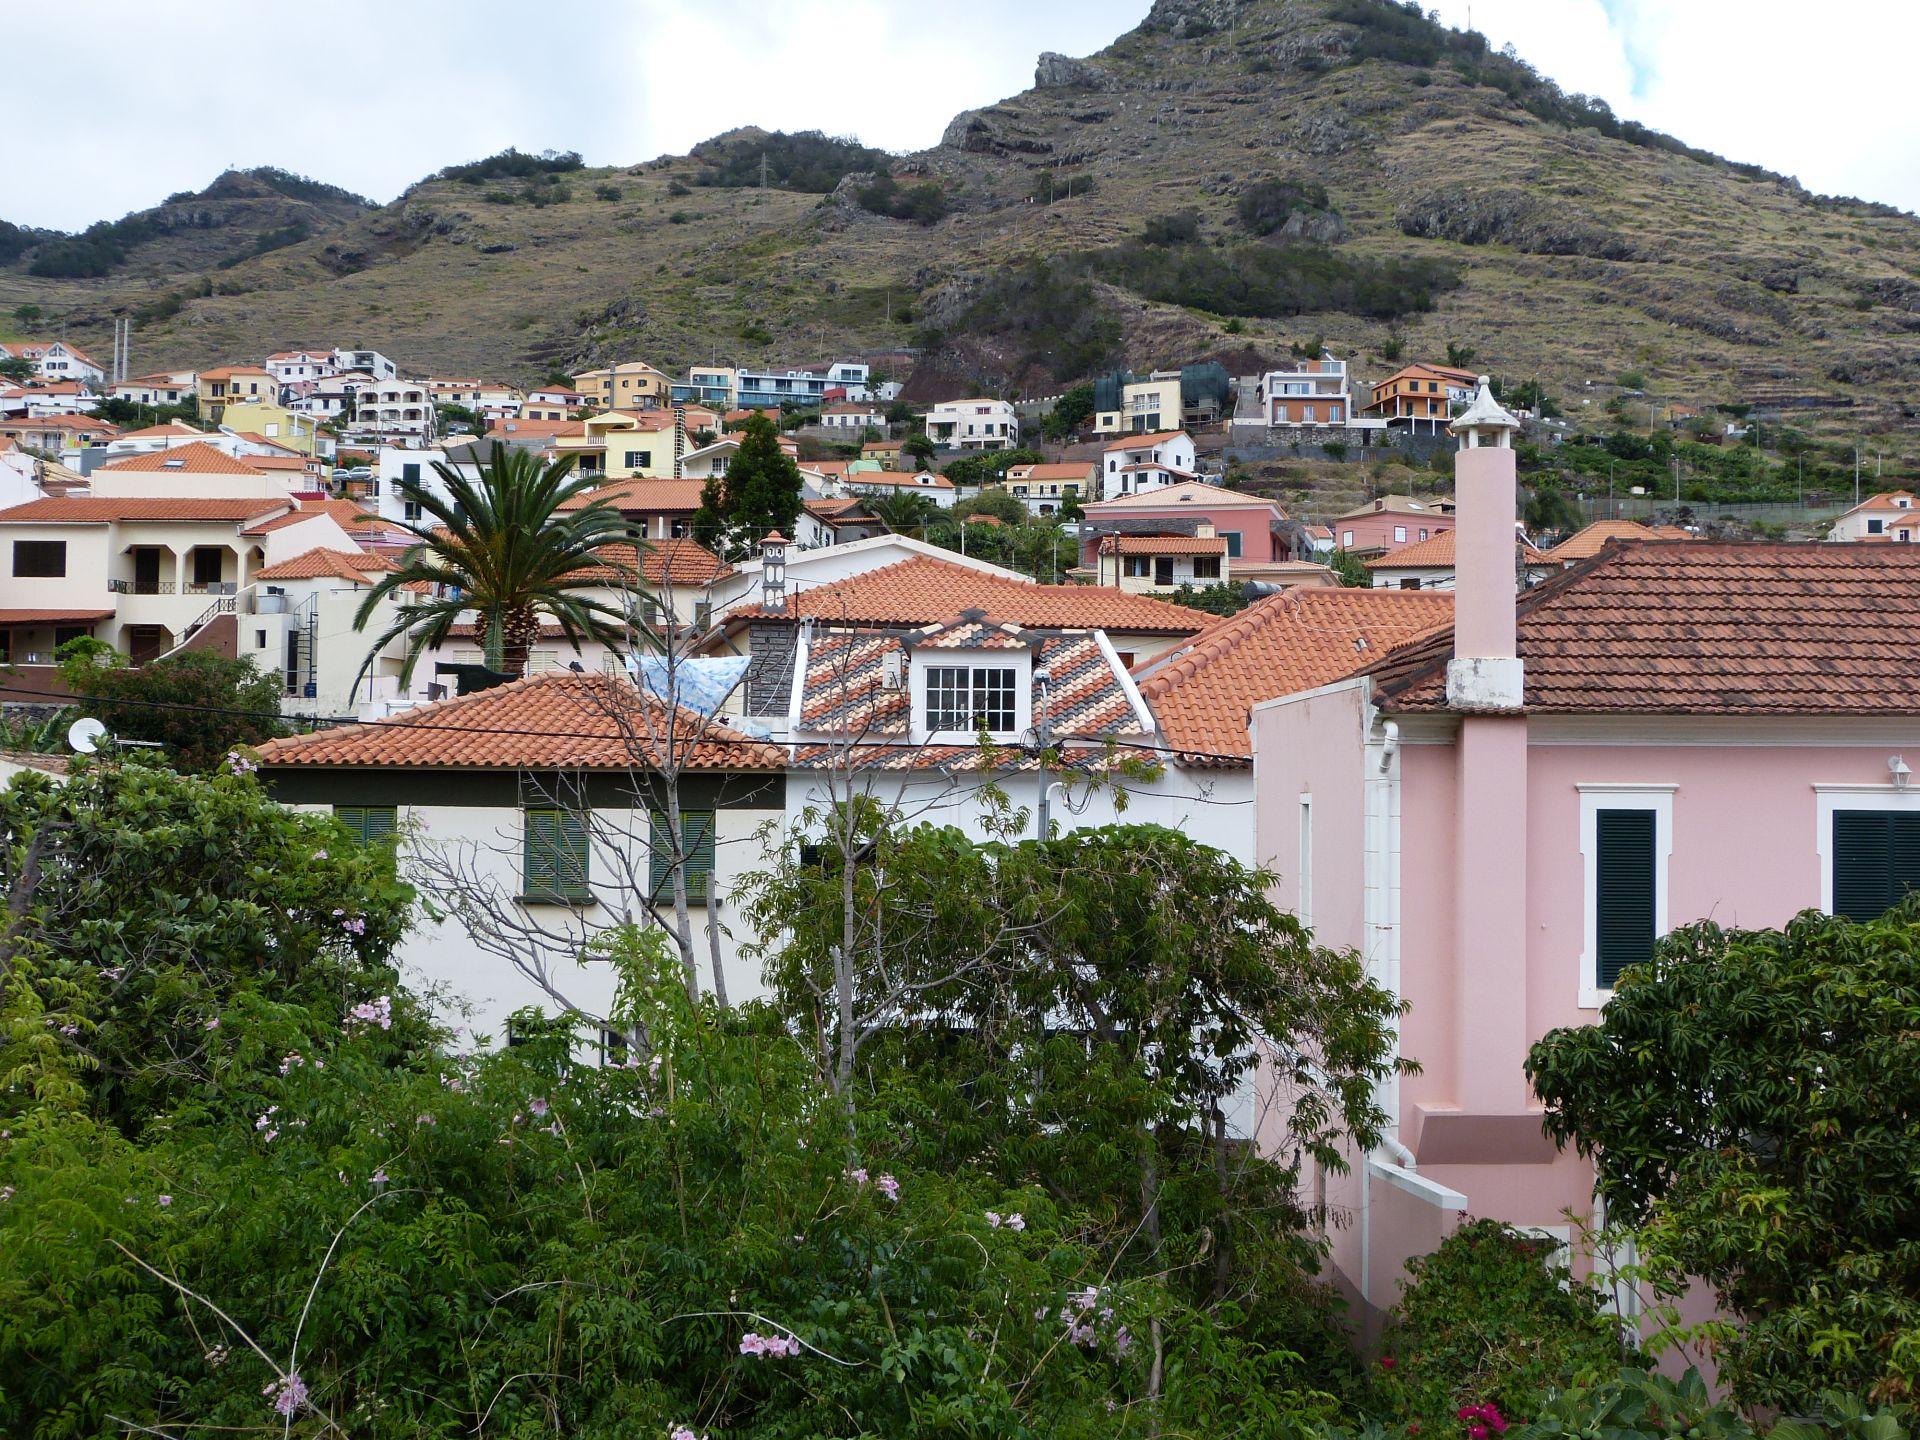 Blick auf den Ort (Man beachte die schönen, bunten Dachziegel)